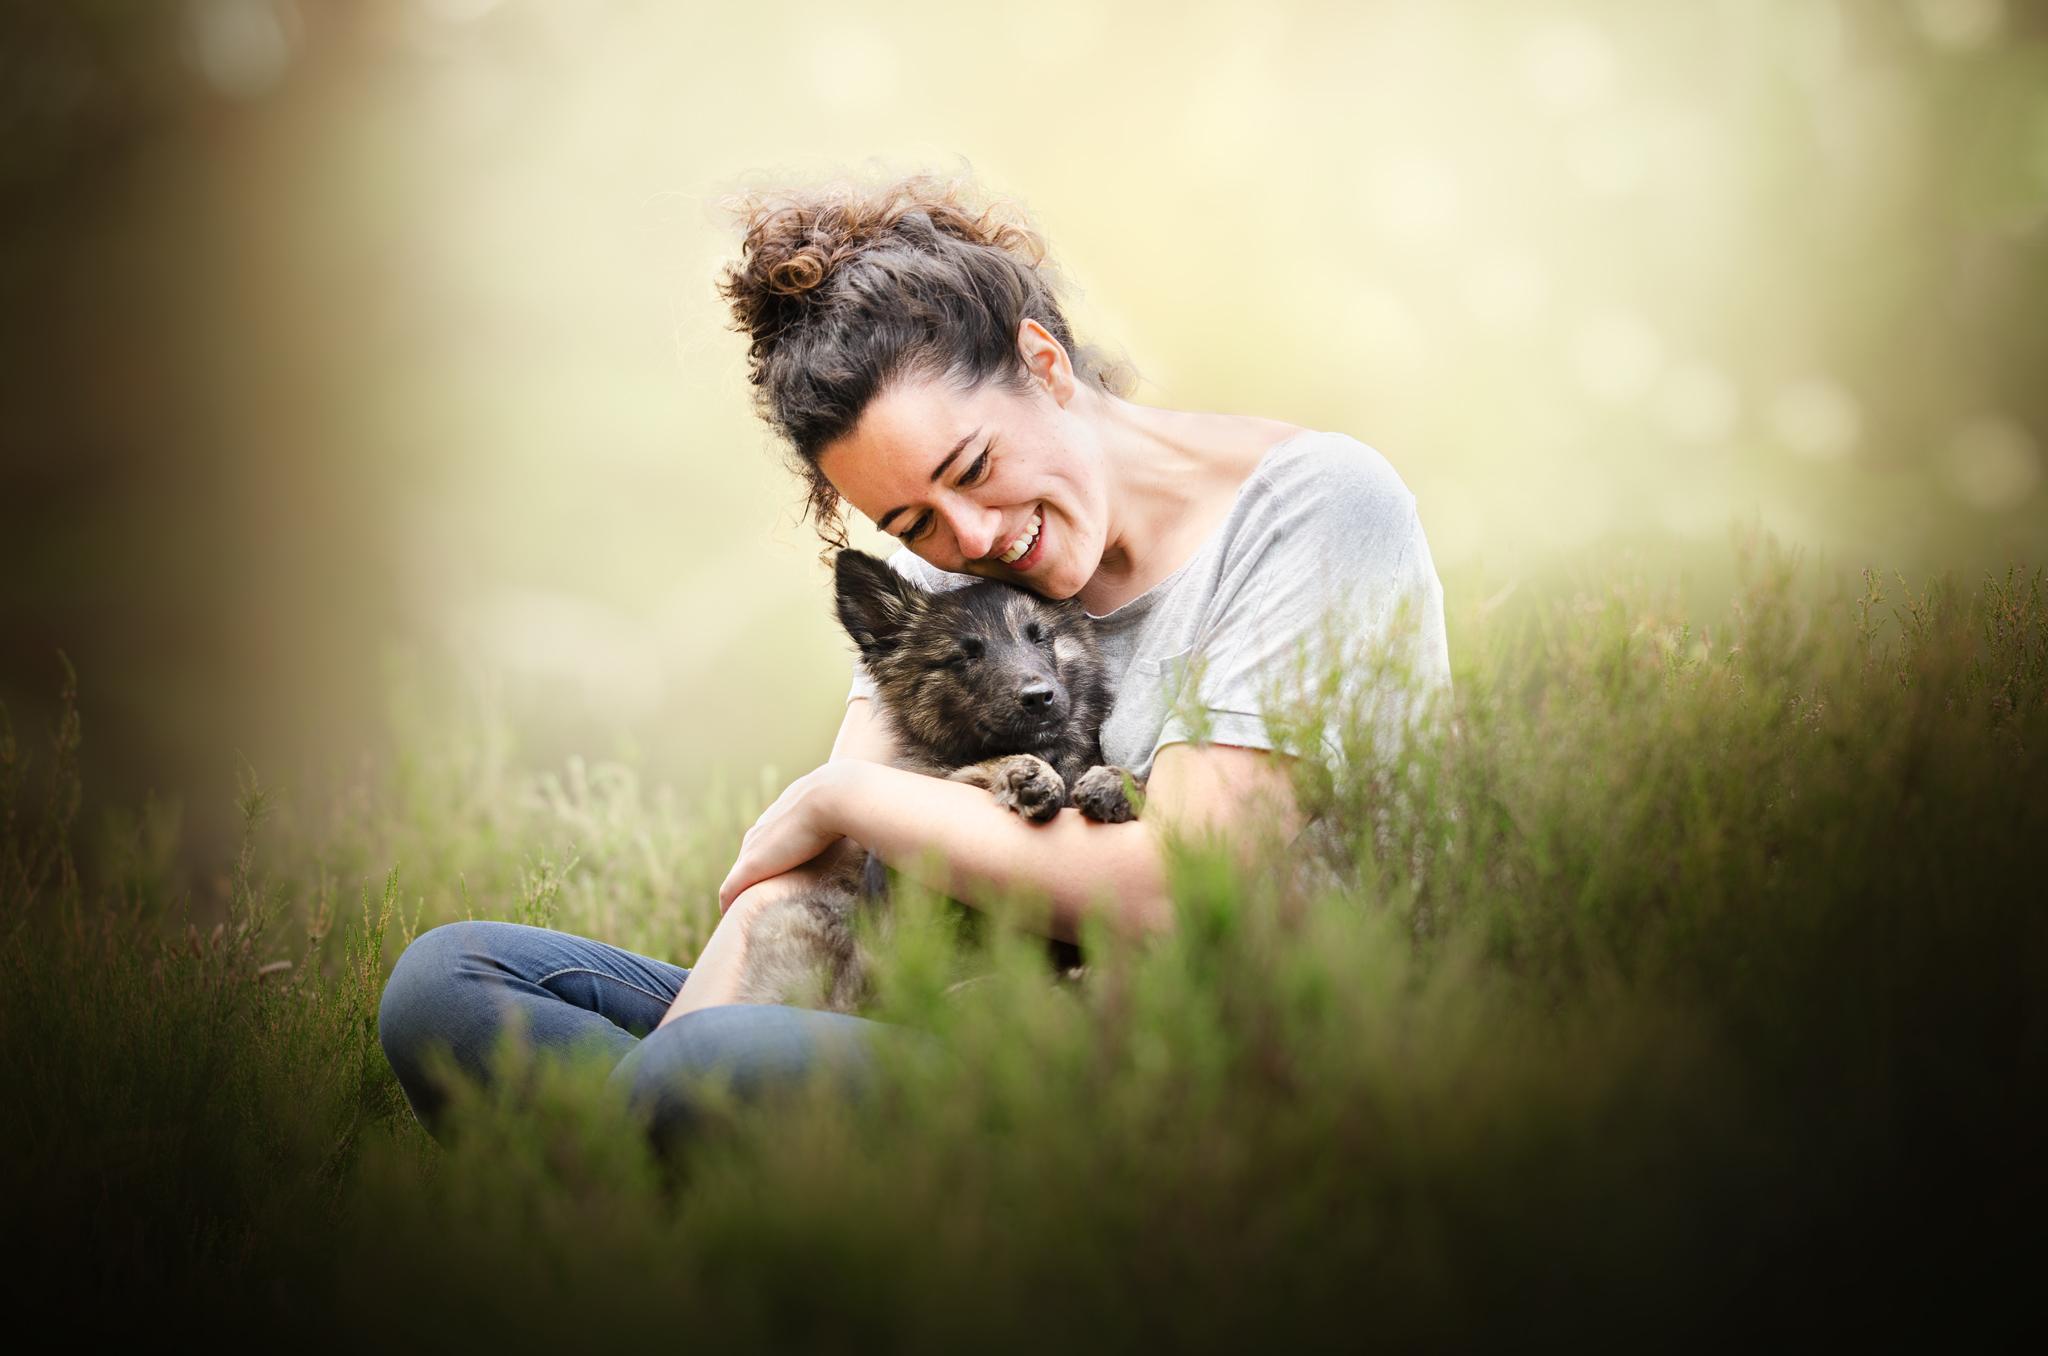 portrait chien canin photographe berger hollandais chiot